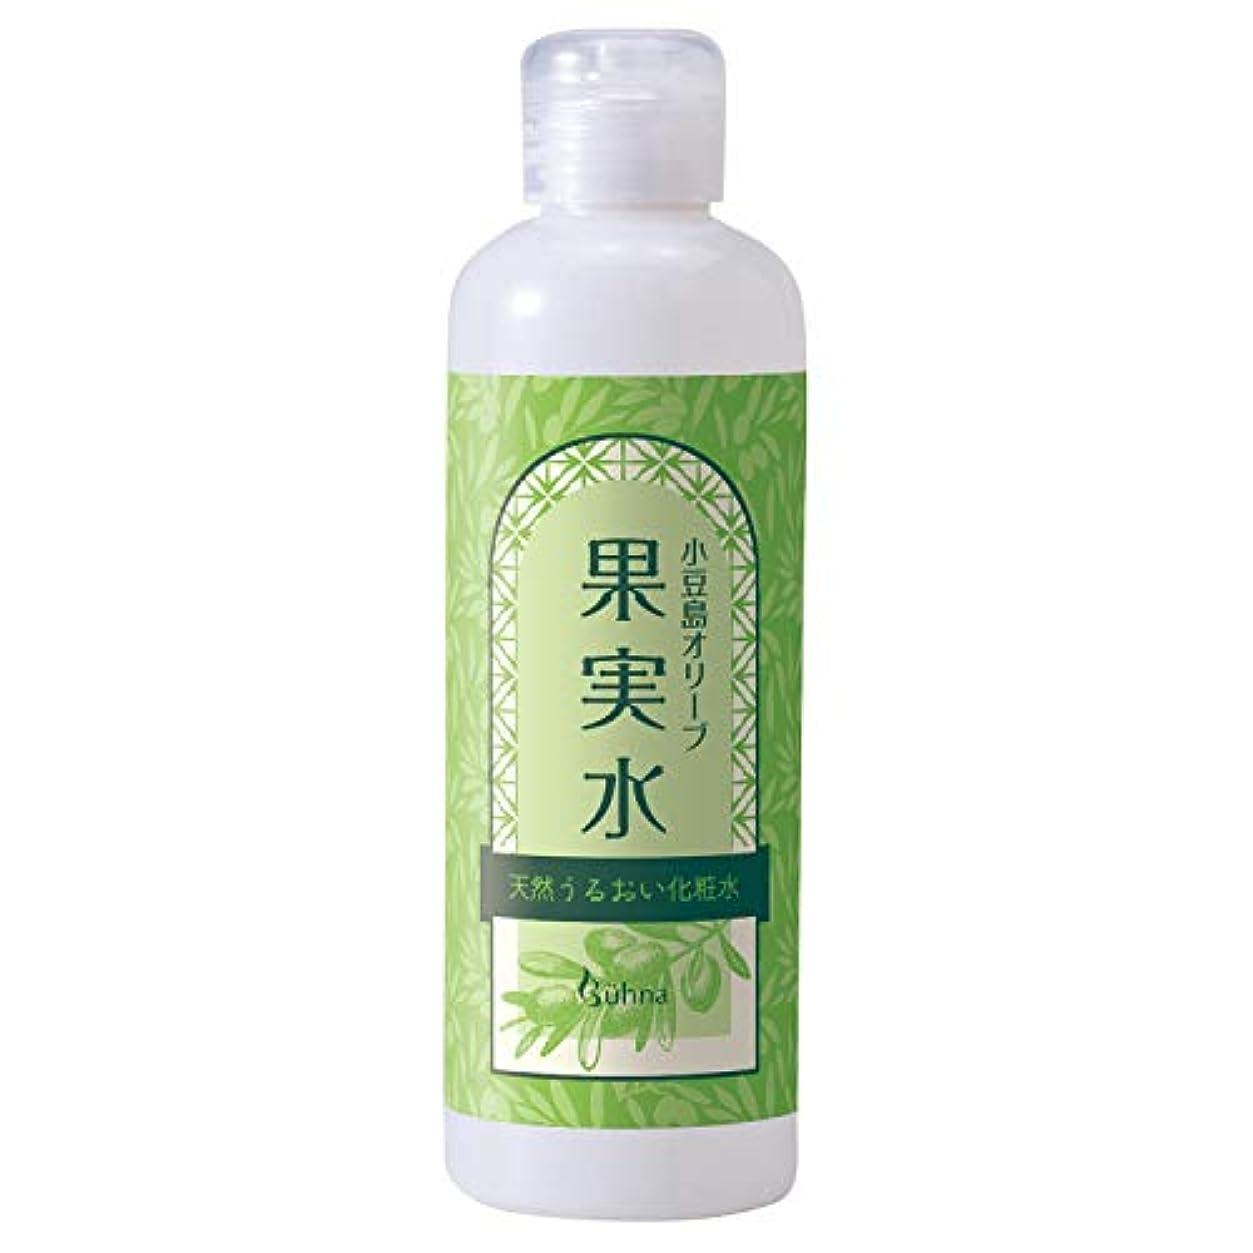 雲検索エンジンマーケティングれんがビューナ 小豆島オリーブ果実水 化粧水 保湿 オリーブオイル 無着色